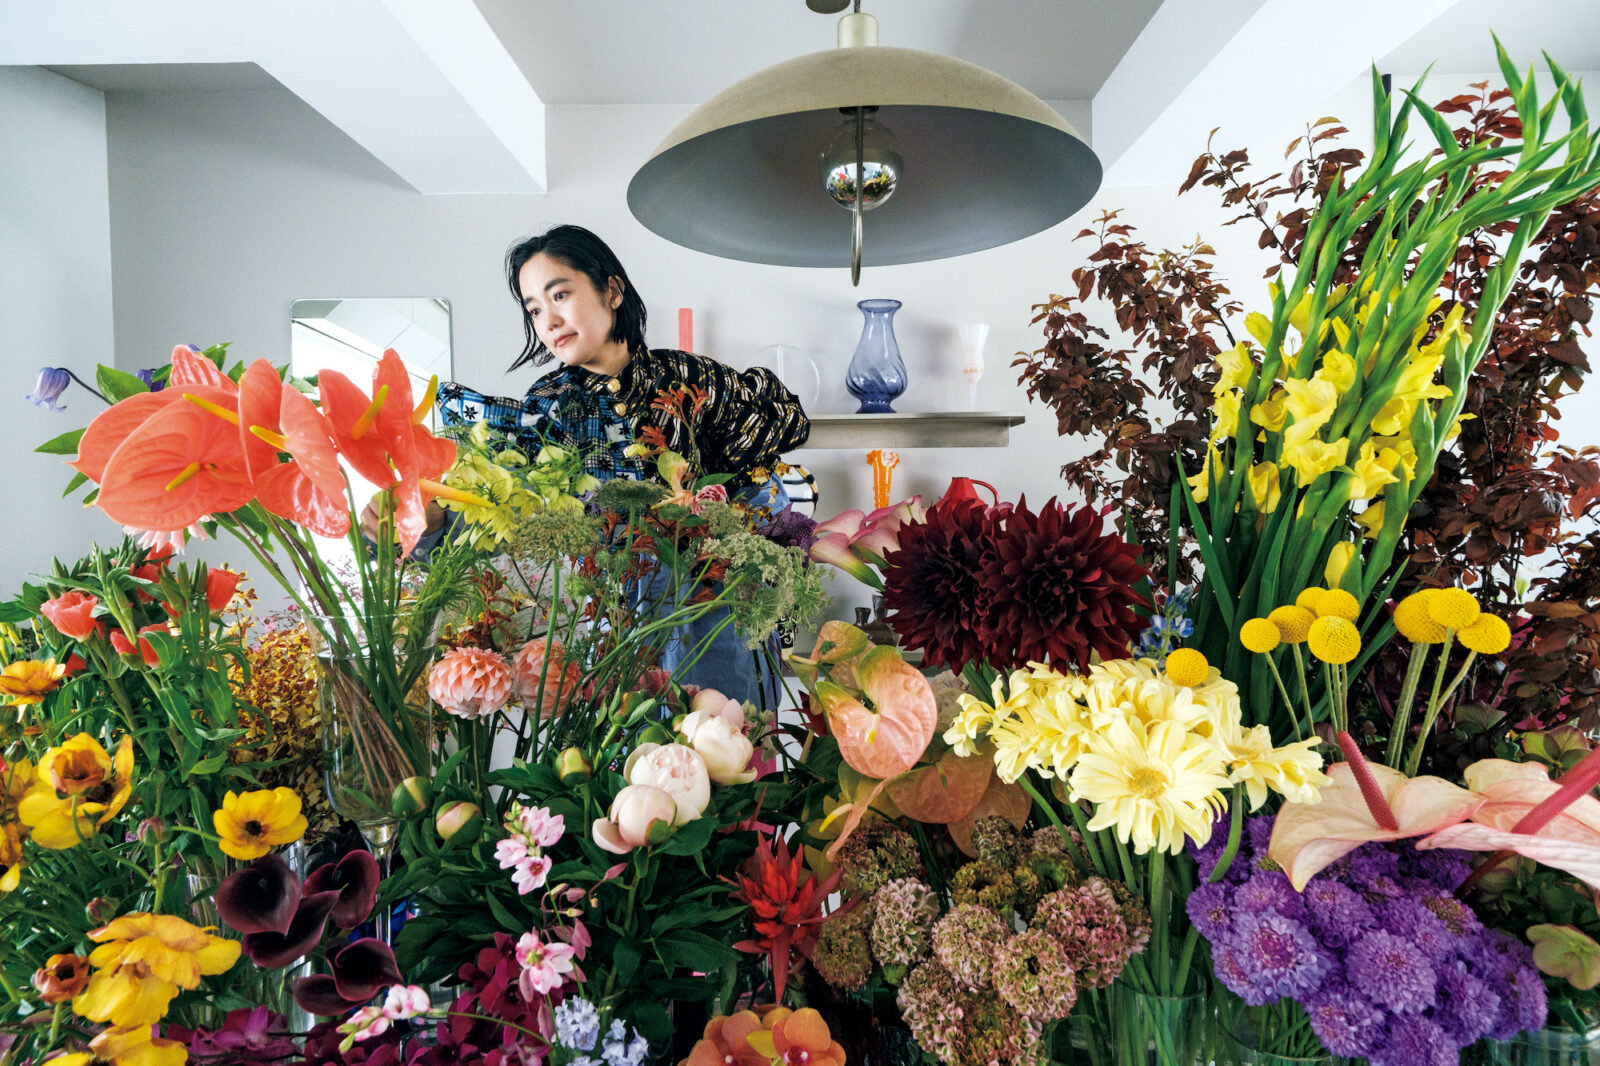 アンスリウムや黒蝶ダリアなど、色や造形にインパクトのある花のほか、野草などその季節にしか出会えない、珍しい花々が並ぶ。